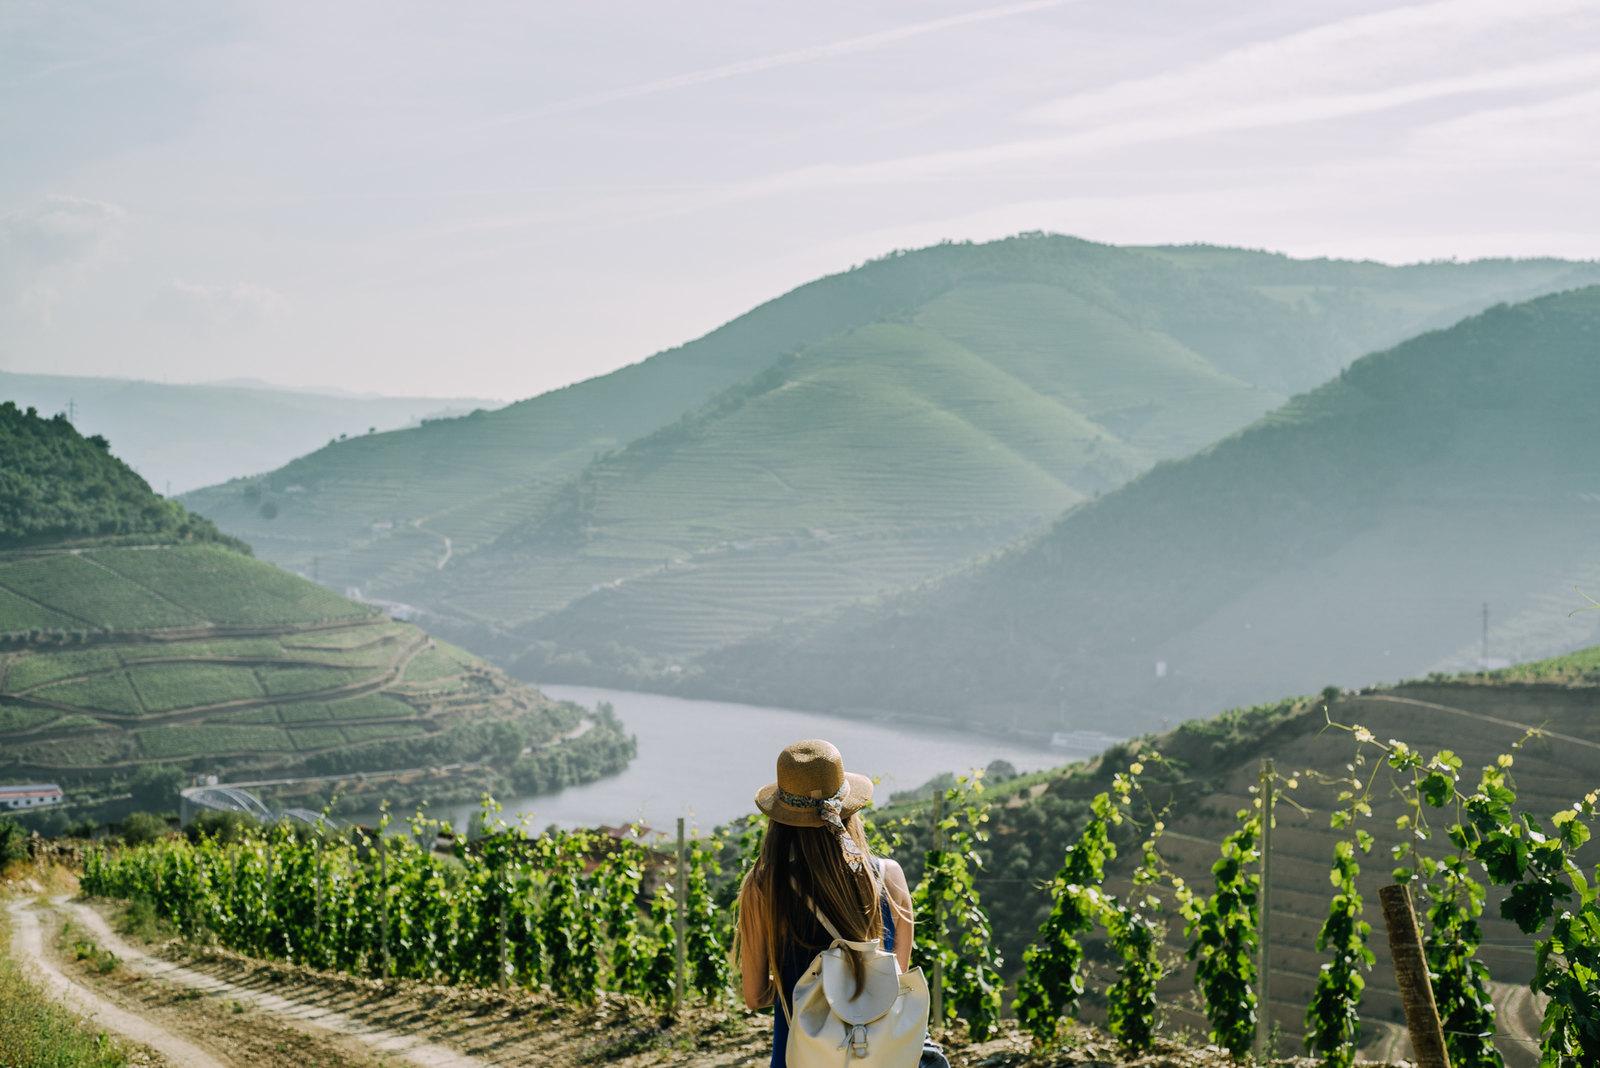 Pinhao szőlőbirtok Portugália